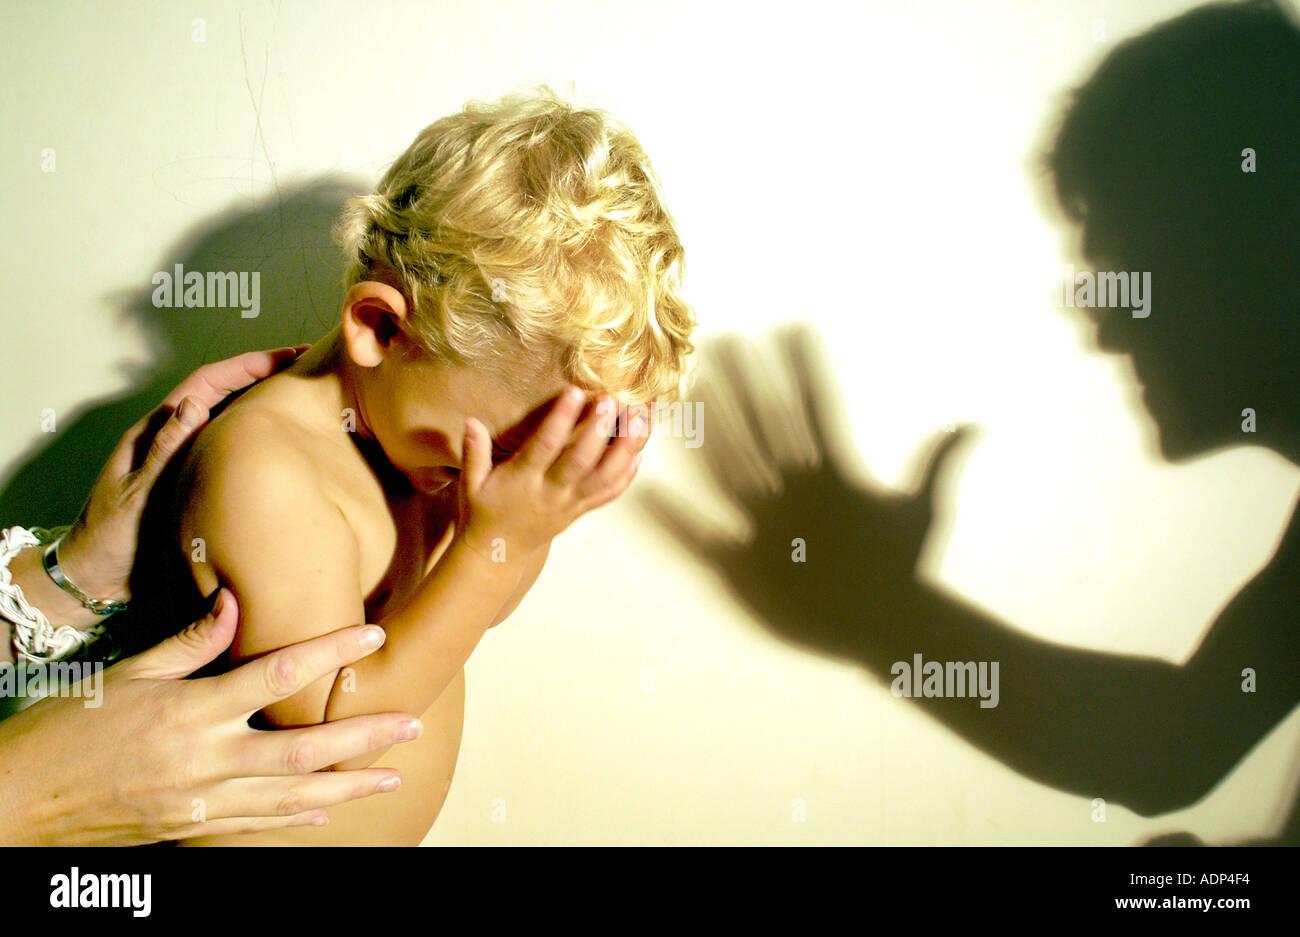 Сын исполнял желания пьяной матери фото 25 фотография